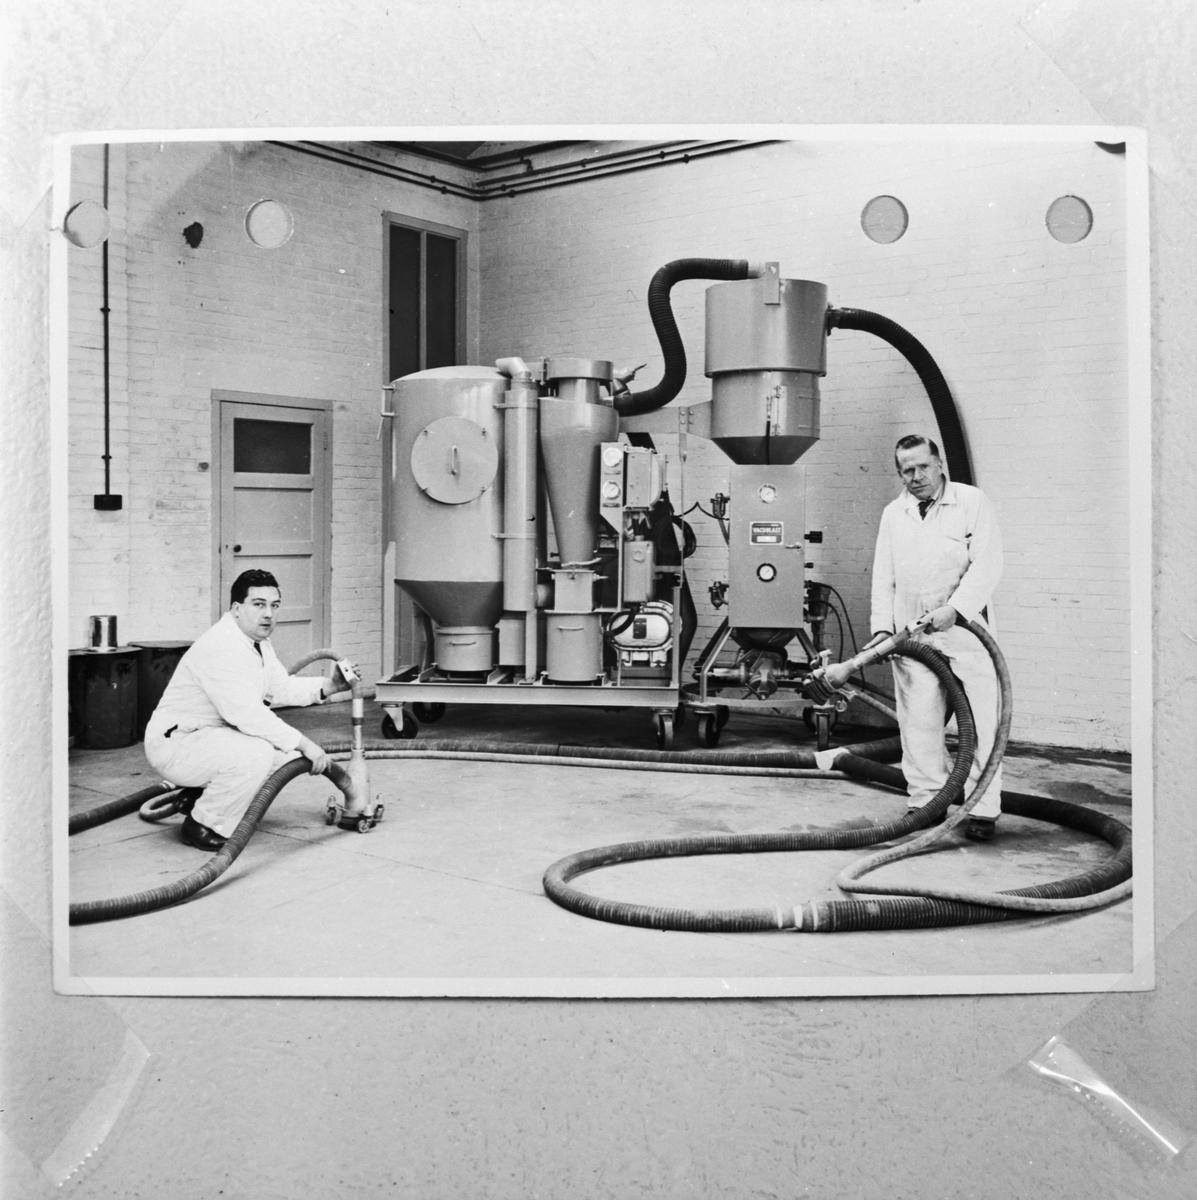 Övrigt: Foto datum: 7/6 1957 Byggnader och kranar Sandblästringsapparat. Närmast identisk bild: V13799, ej skannad